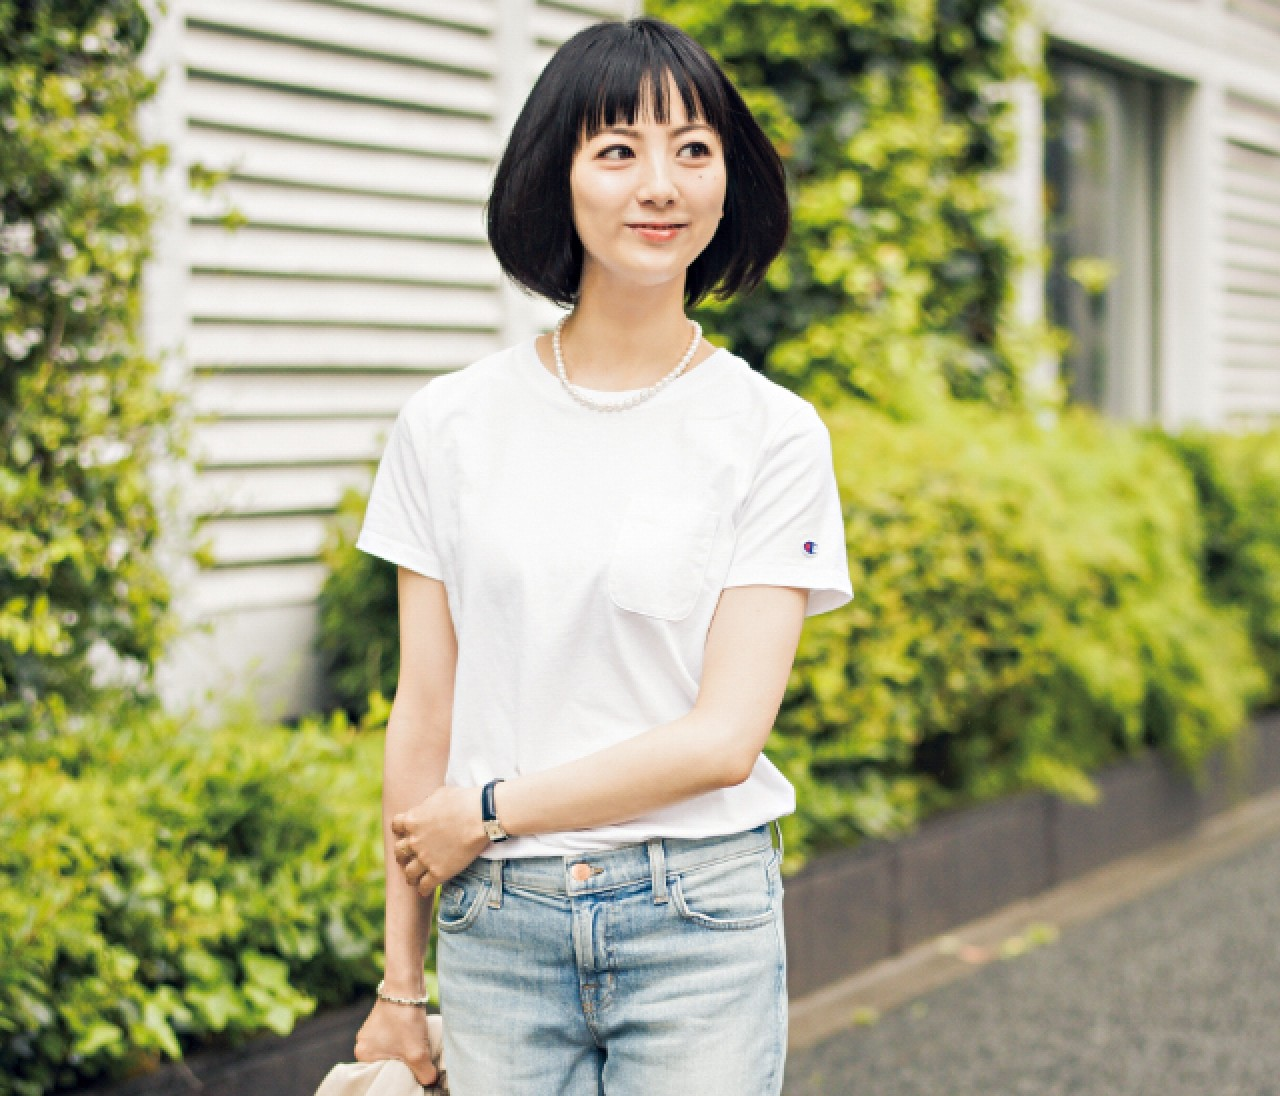 【スナップ】大ヒット♥︎ チャンピオンのシンプル白Tシャツ